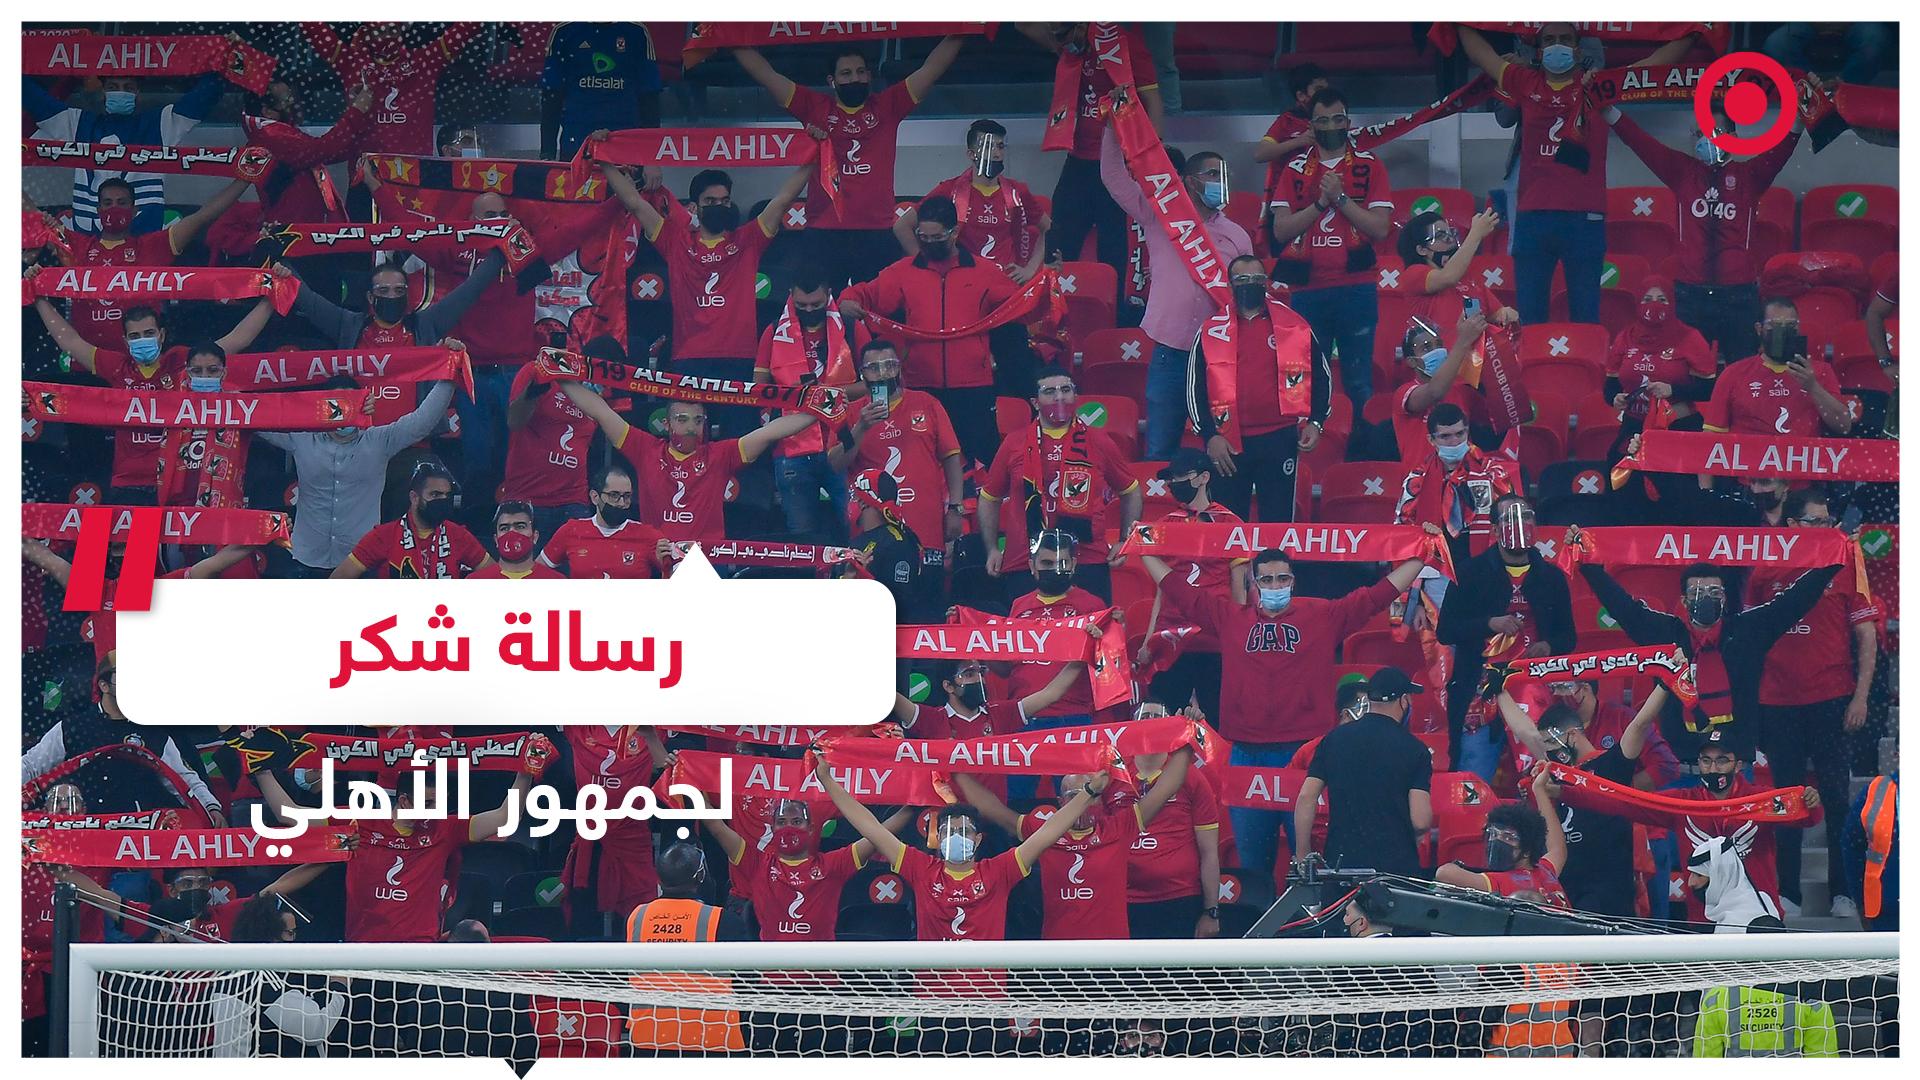 رسالة نجم بايرن ميونيخ الألماني لجمهور نادي الأهلي المصري